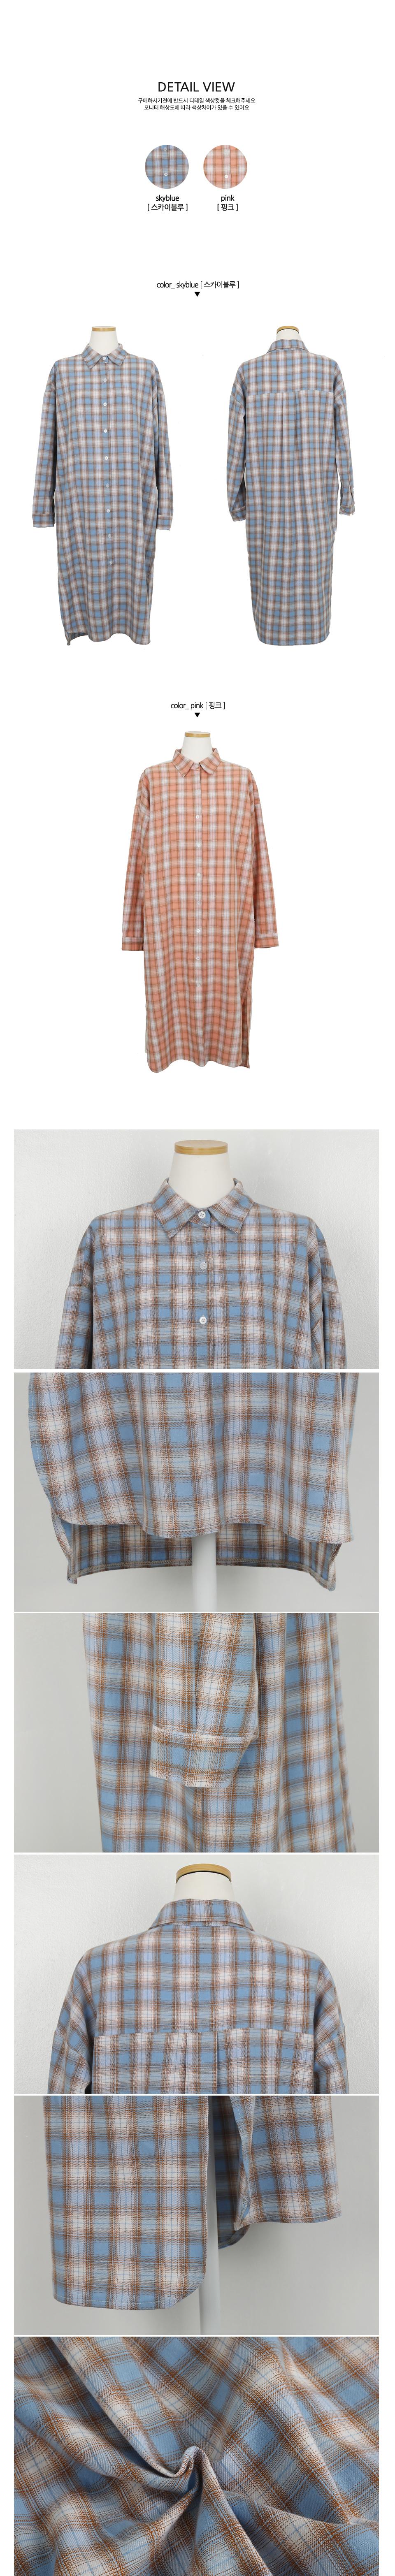 Juicy Check shirt dress